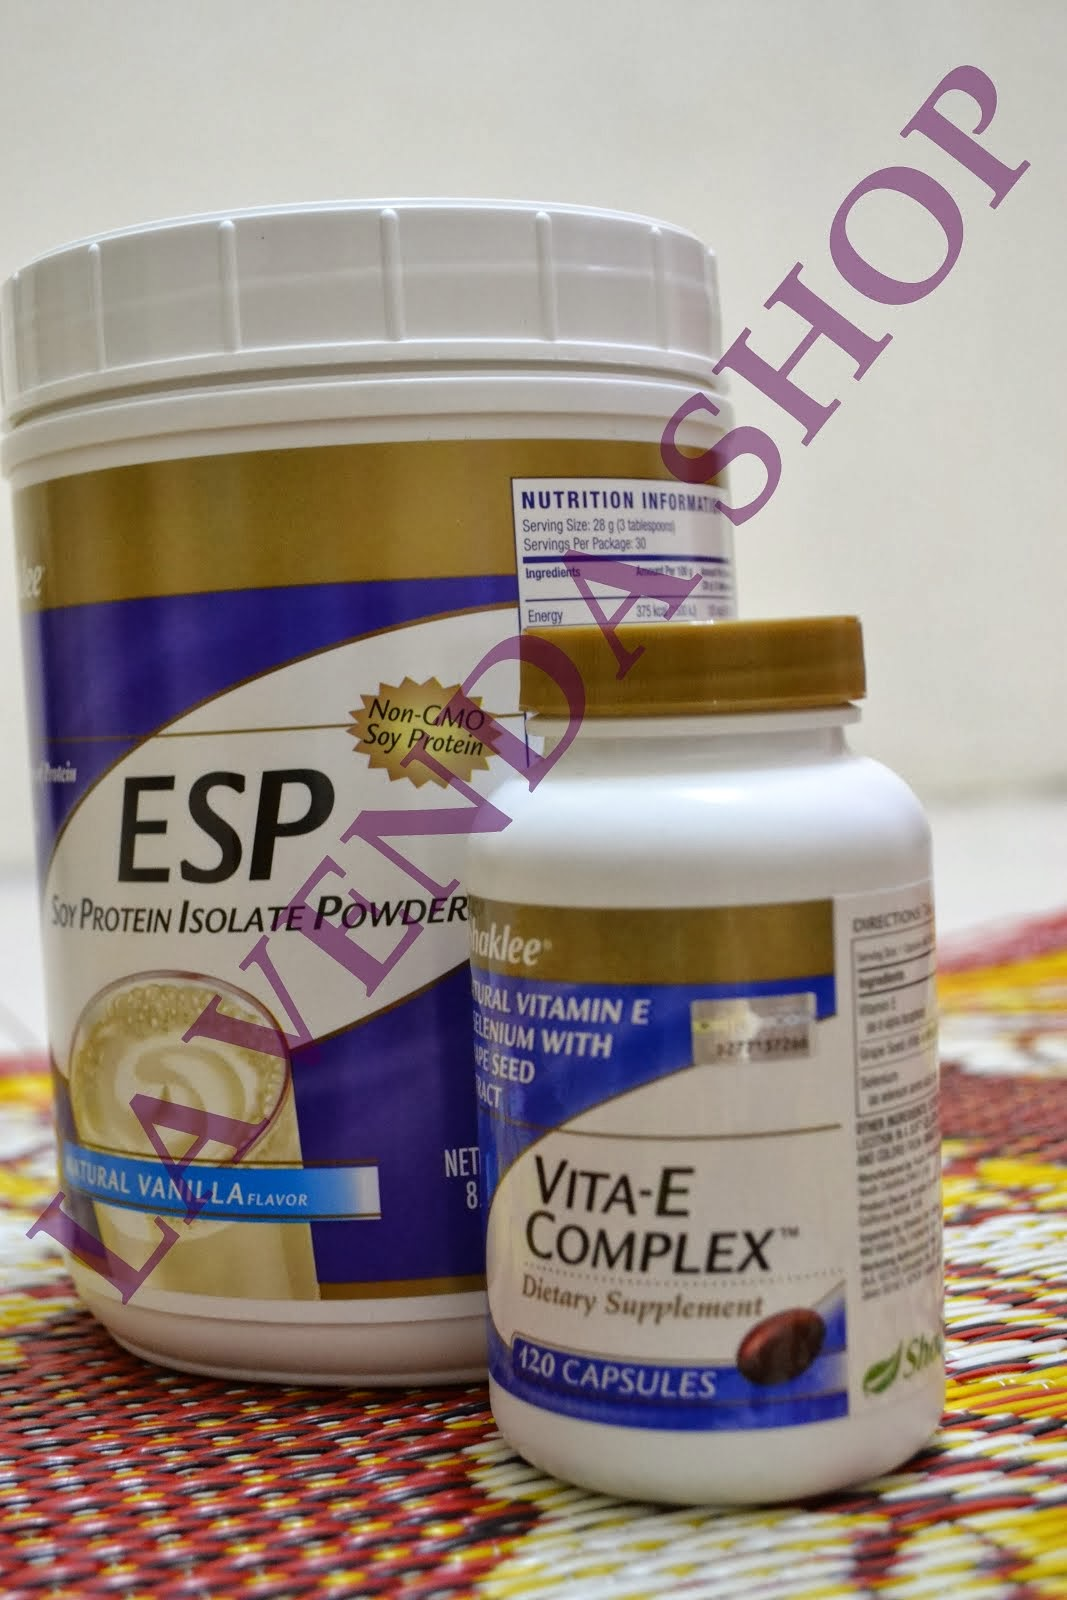 SET 1 (ESP + VITA-E COMPLEX)